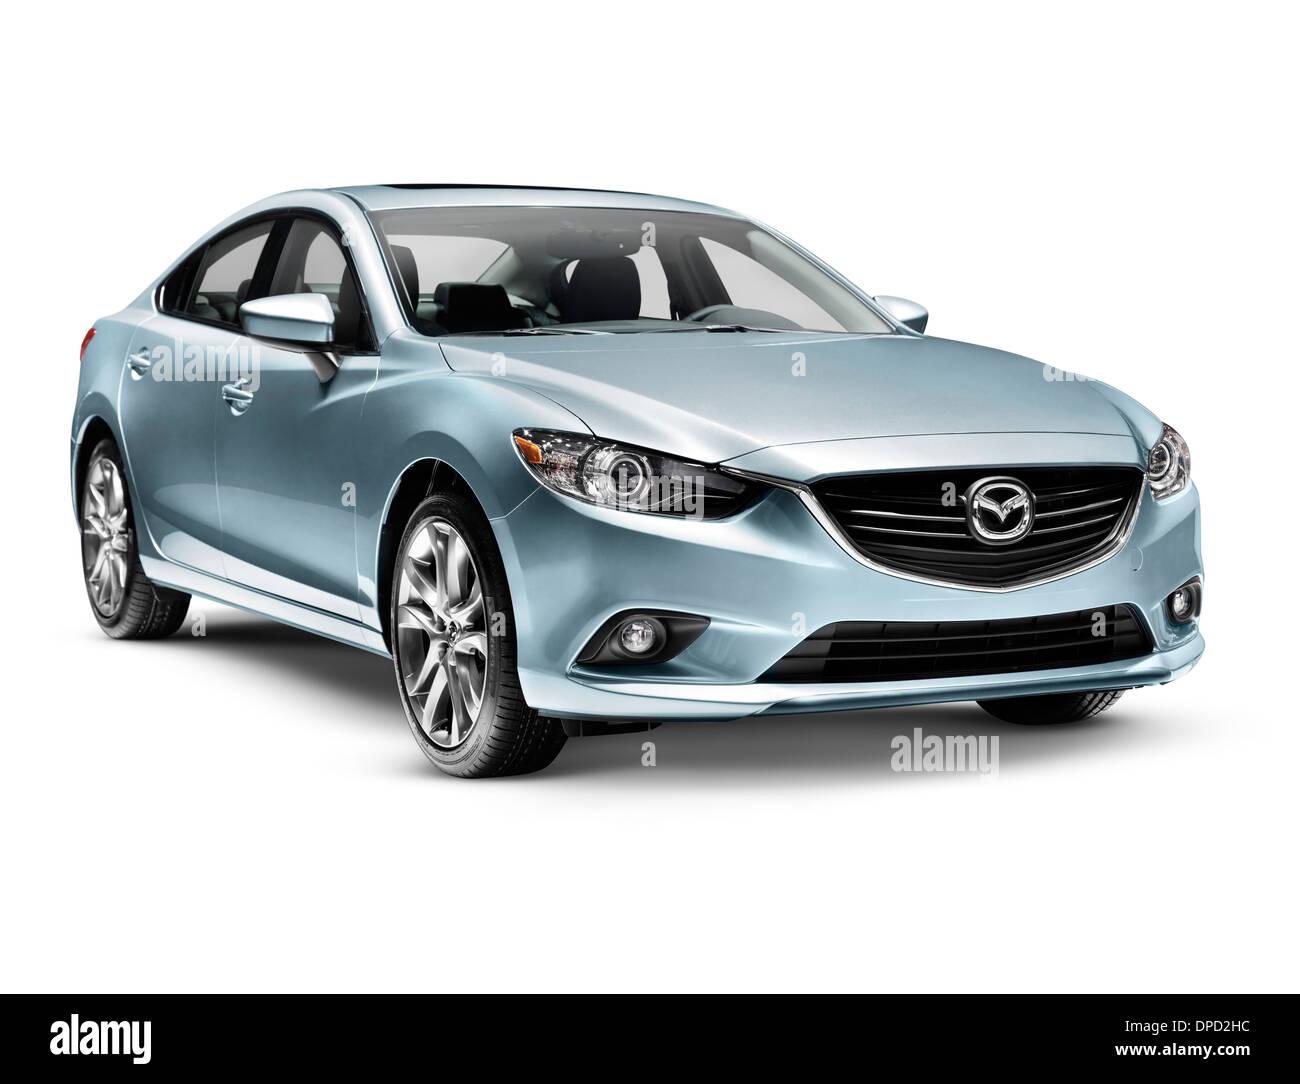 Blue 2014 Mazda Mazda6 coche sedán de tamaño mediano aislado sobre fondo blanco con trazado de recorte Imagen De Stock